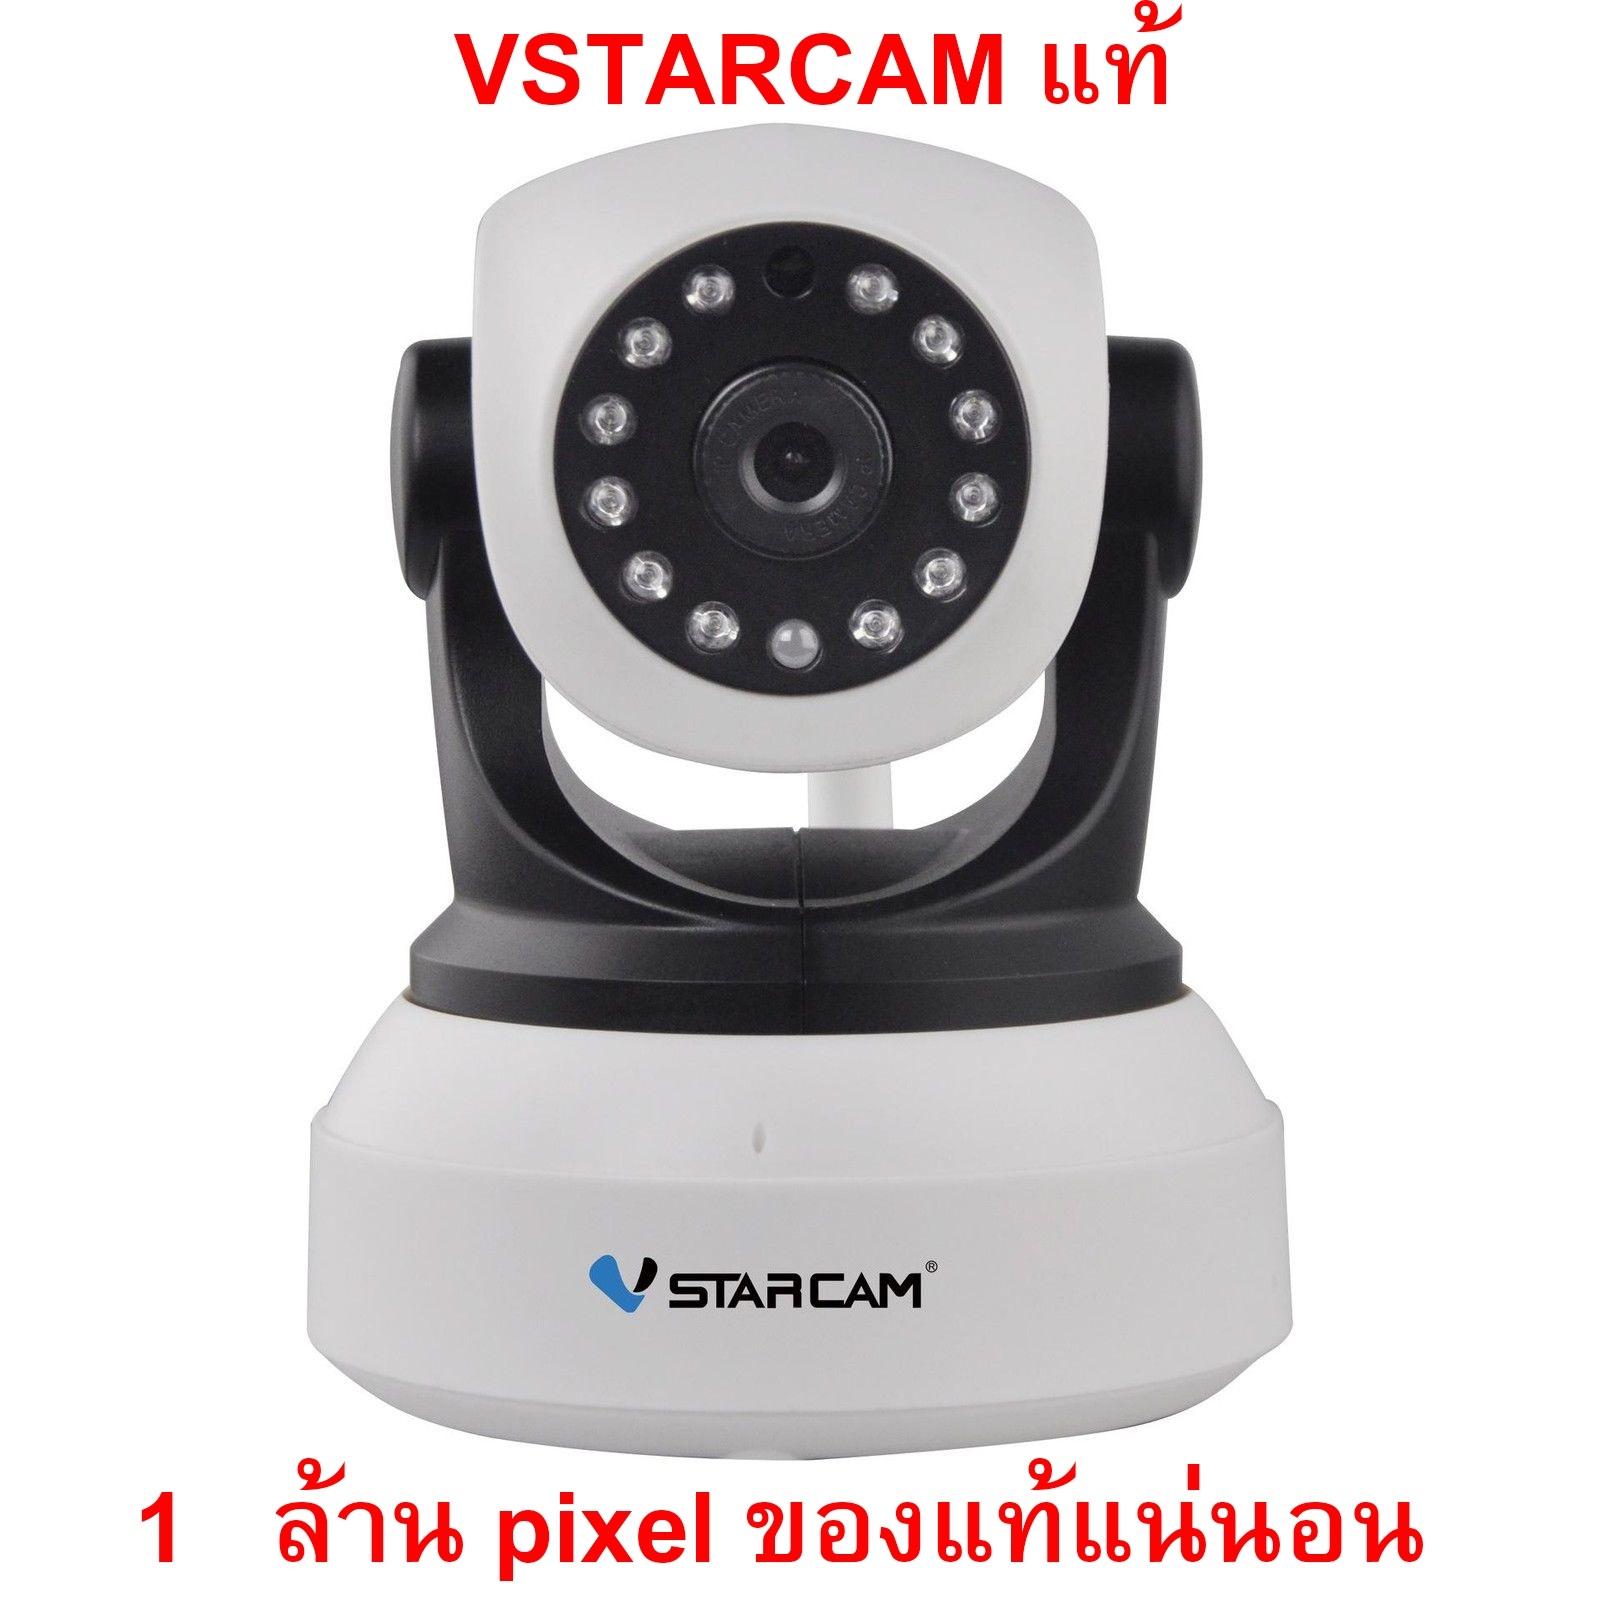 กล้องวงจรปิดไร้สายดูผ่านเน็ต VStarCam HD ของแท้แน่นอนโดยตัวแทนจำหน่ายตรง HD720P